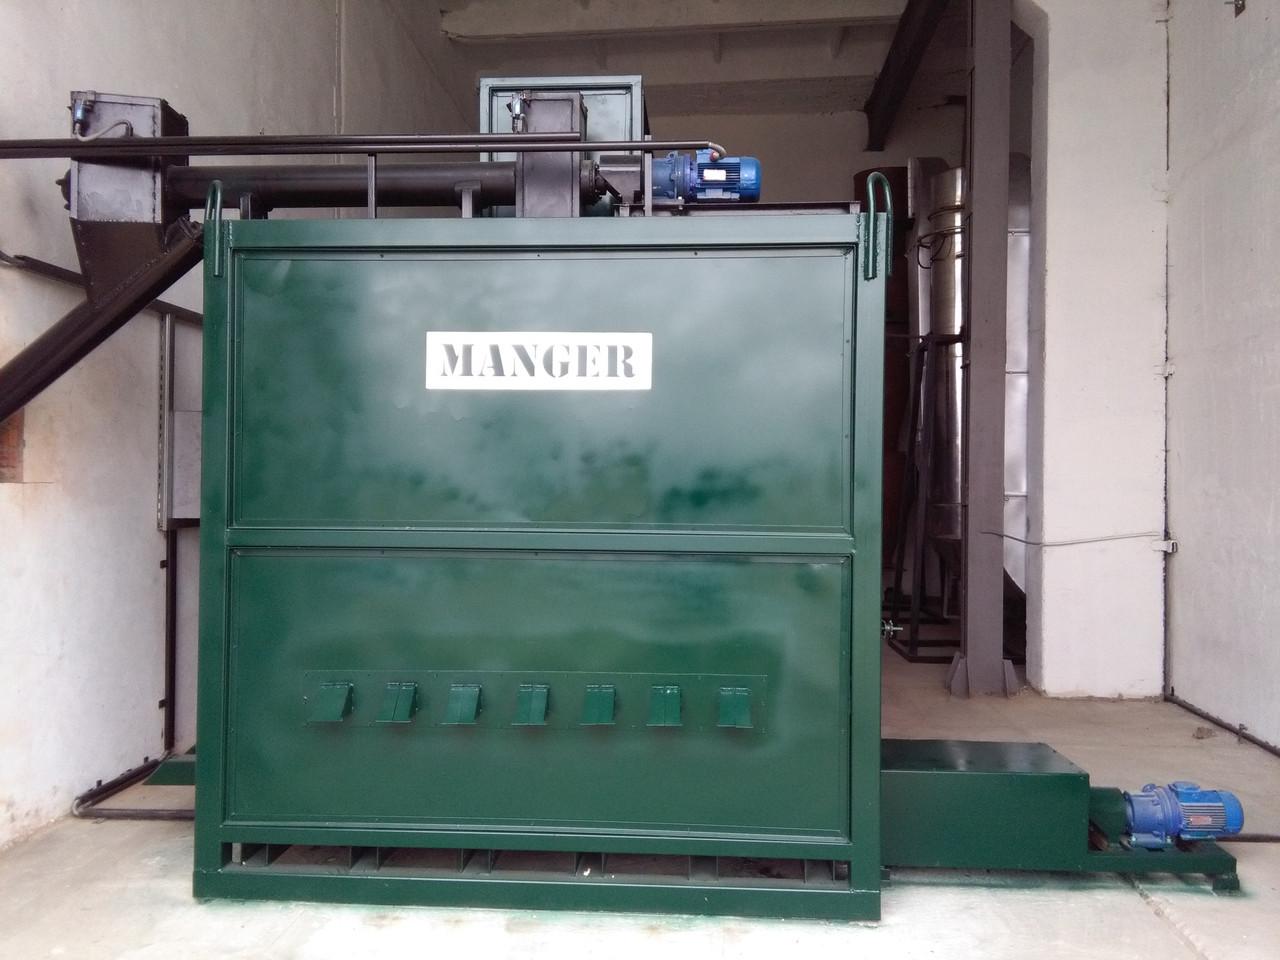 """Установка MANGER для утилізації відходів (печь для утилизации отходов) -  ТОВ """"МАНГЕР"""" в Черкасской области"""